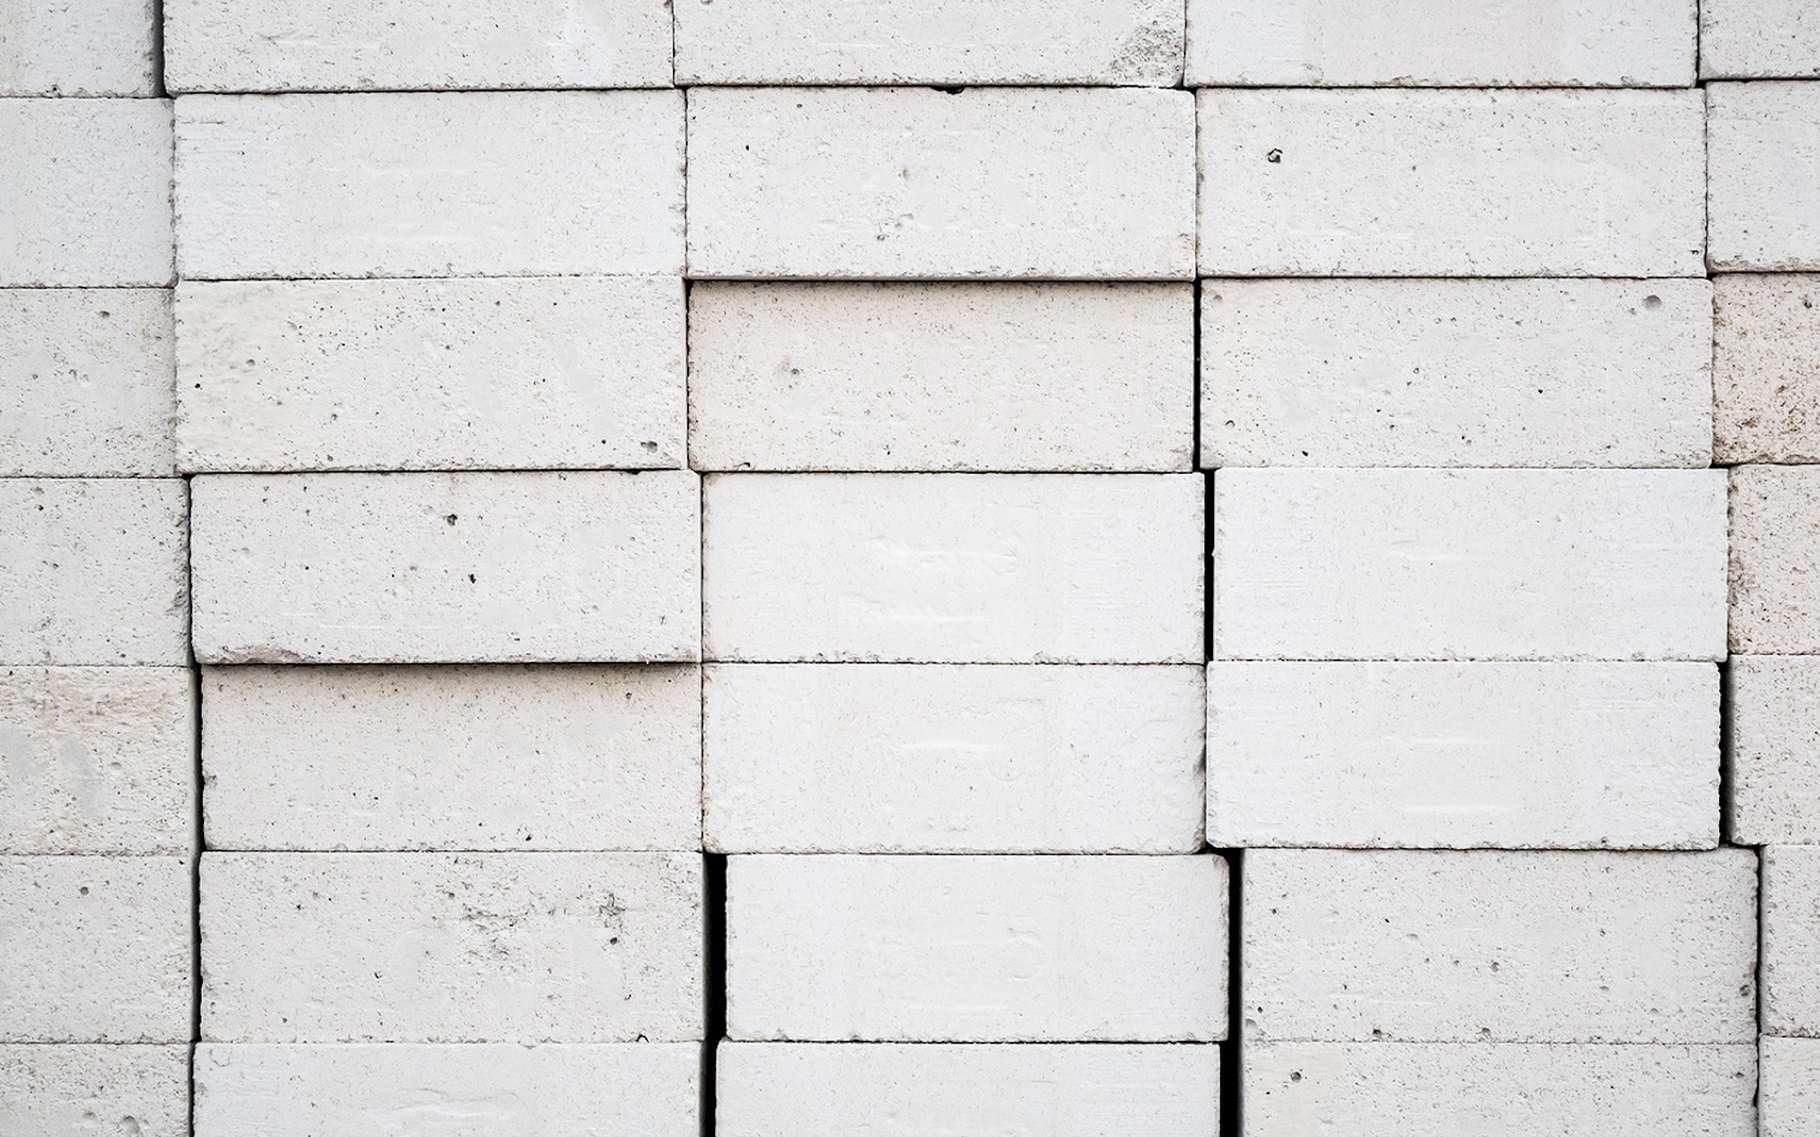 Le béton cellulaire est un matériau de construction léger et isolant. © Piman Khrutmuang, Fotolia